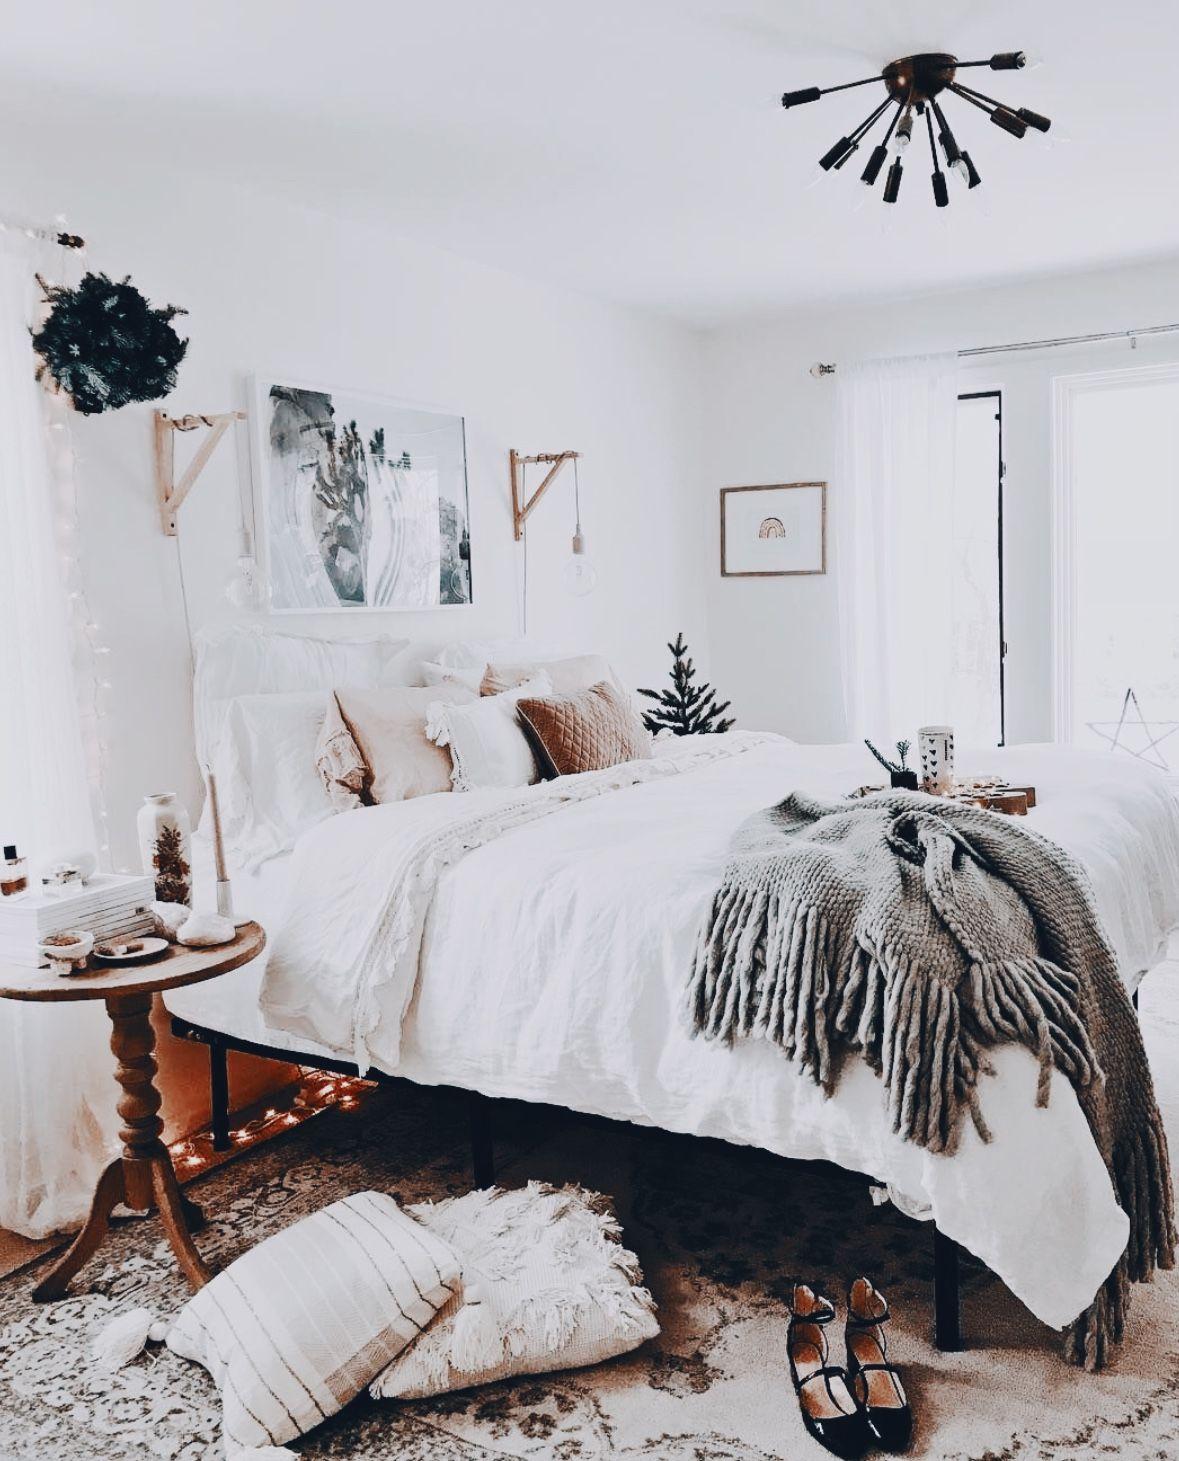 Pinterest: Camila Tavonatti | wohnideen | Pinterest | Bedrooms, Room ...